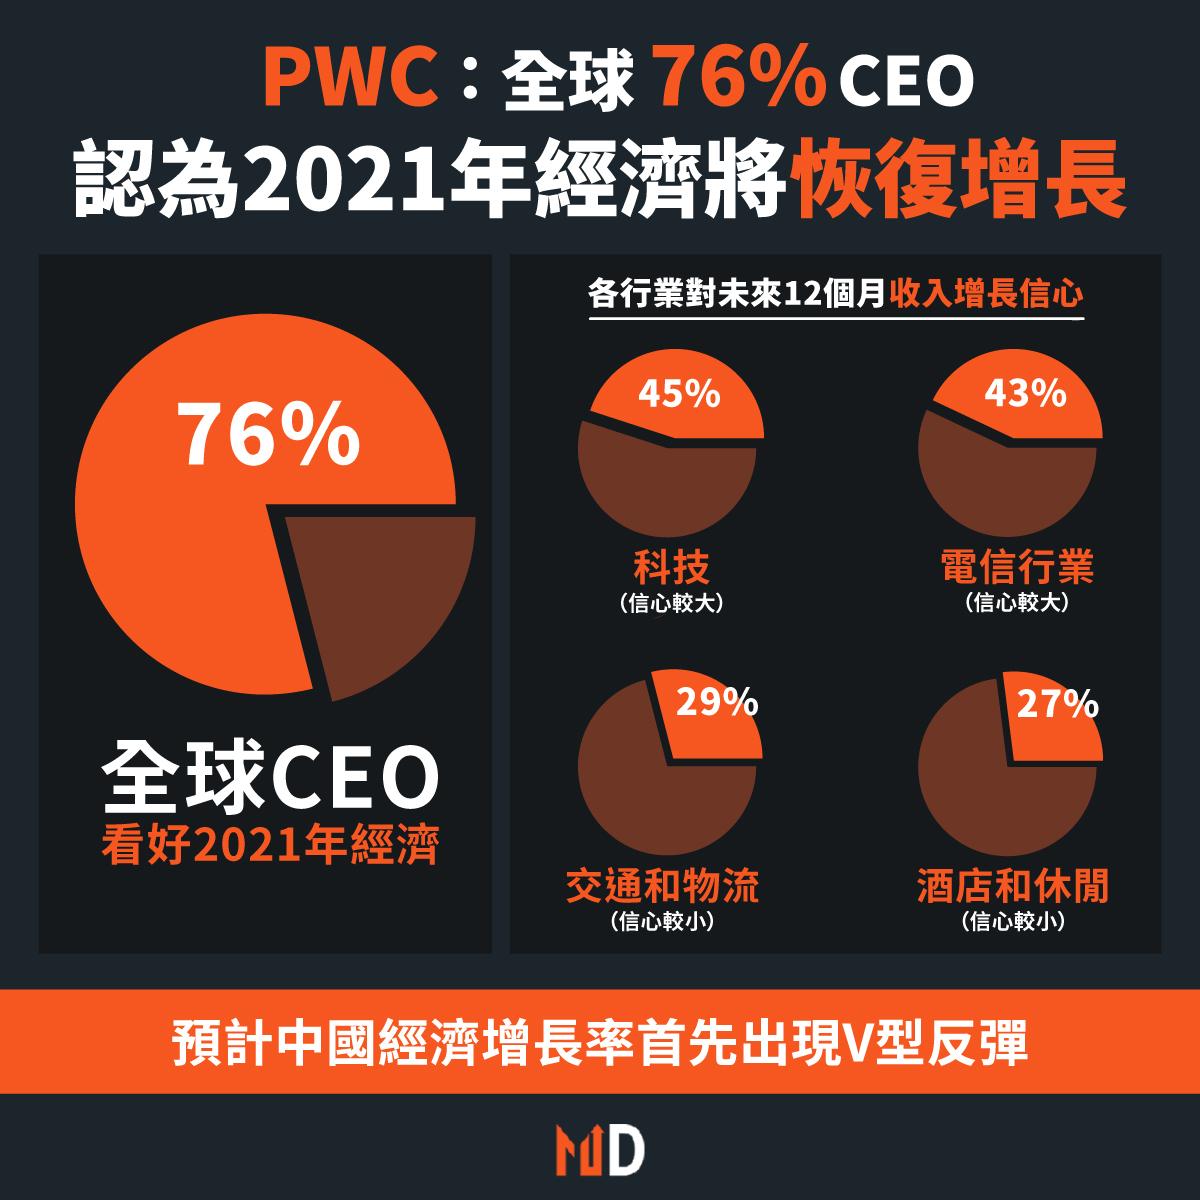 【市場熱話】全球CEO對經濟前景十分樂觀,當中76%認為2021年的經濟將恢復增長